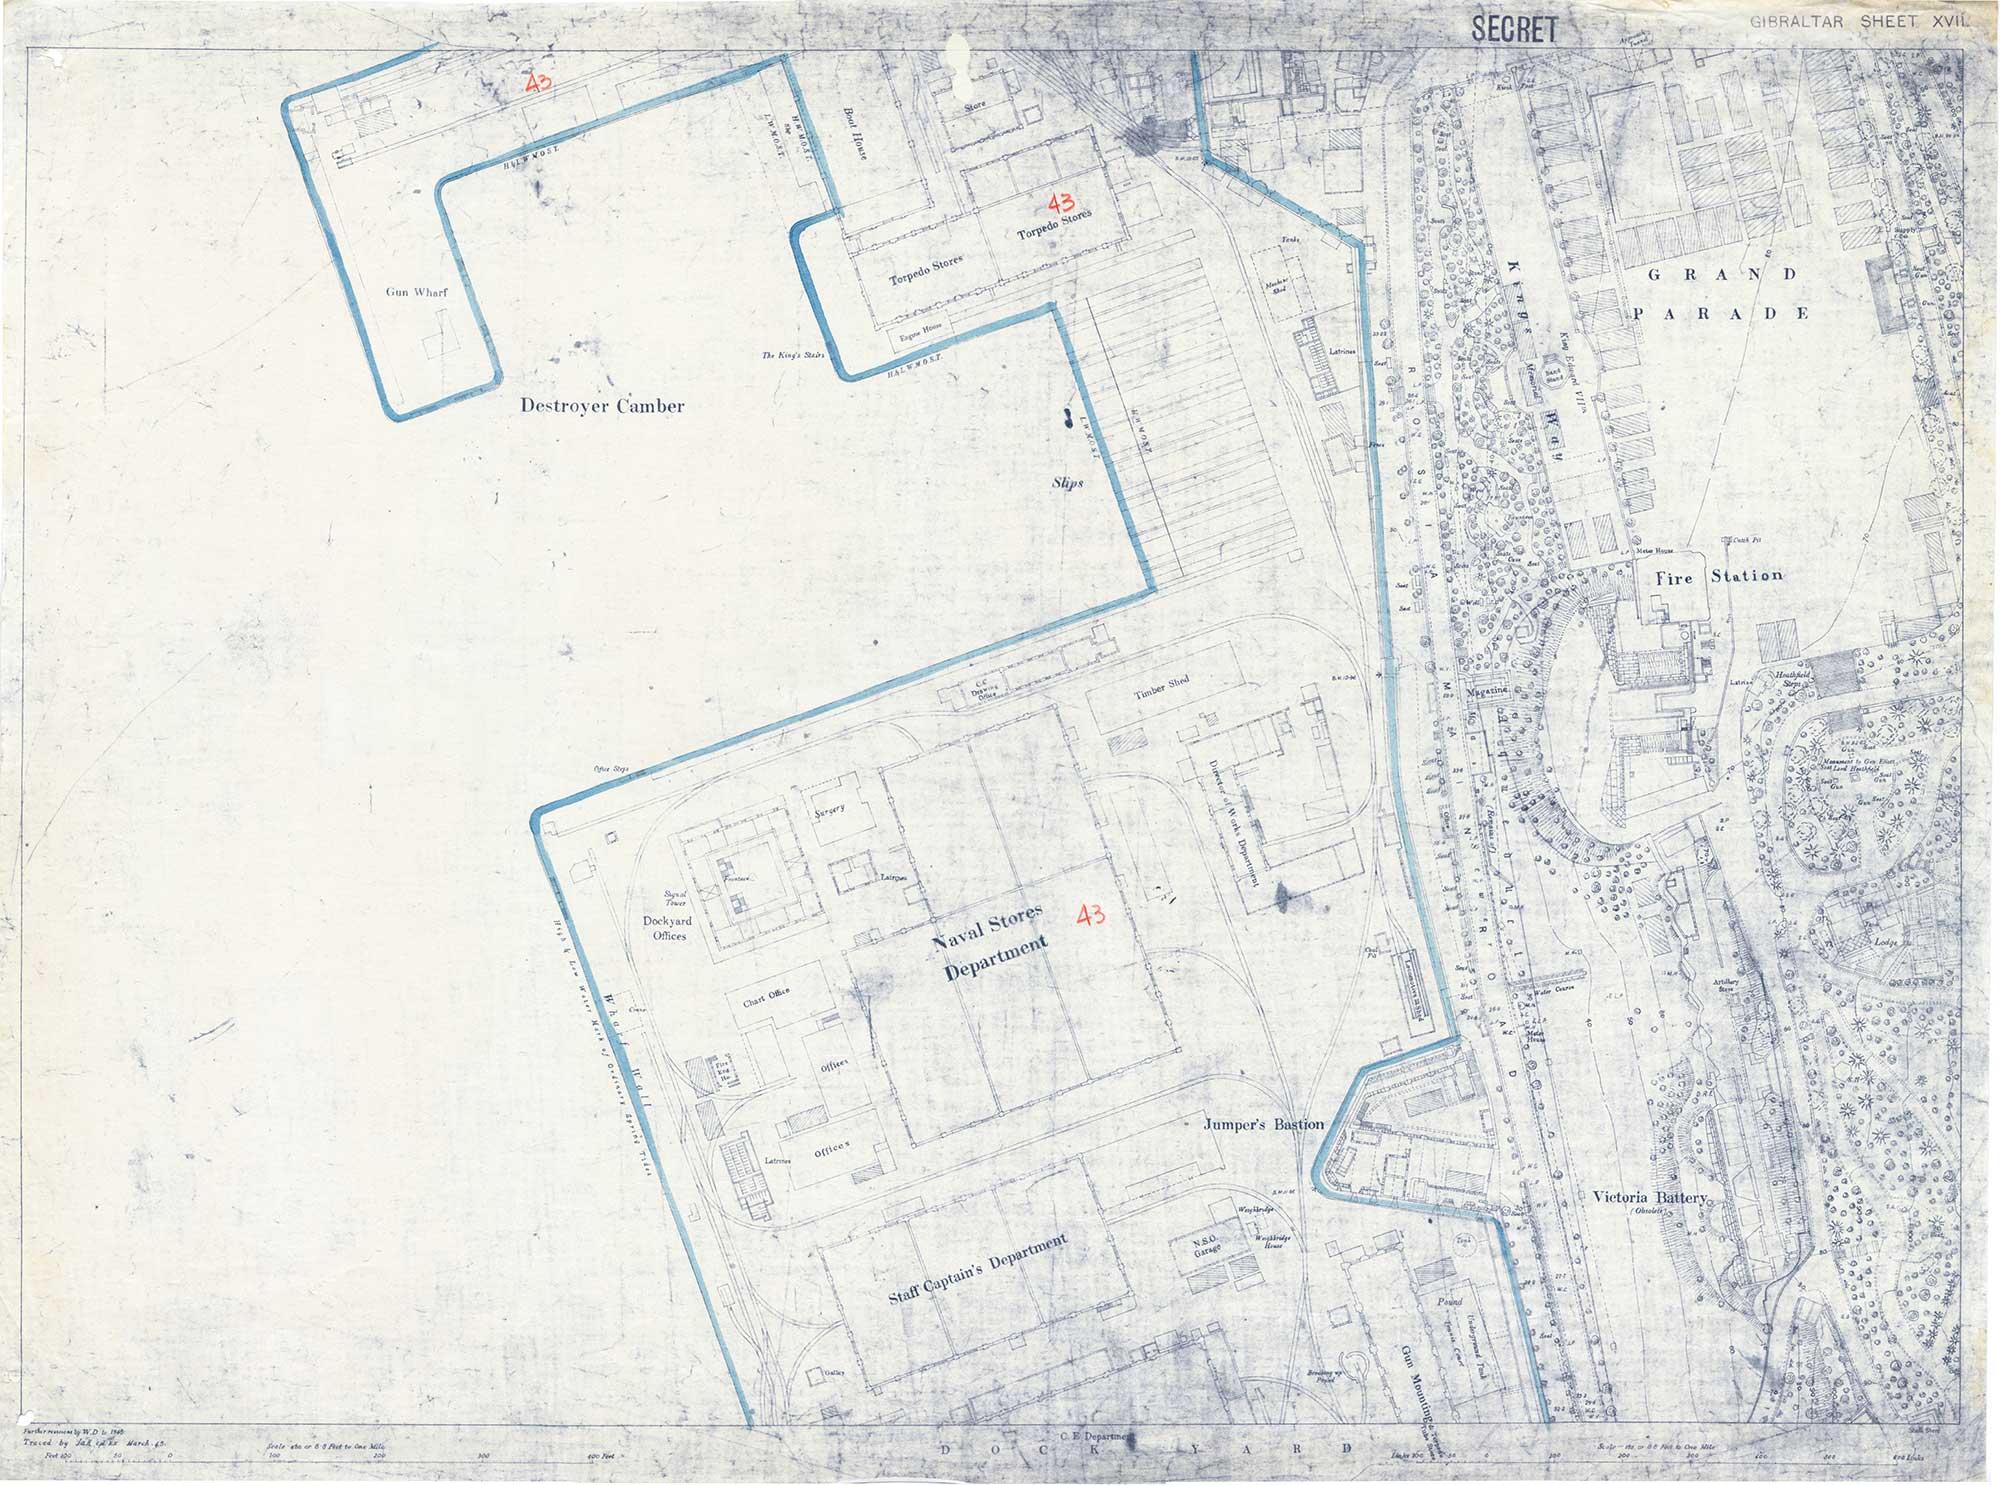 Map-22-OS-sheet-17-HM-Naval-Base-and-Grand-Parade-1945